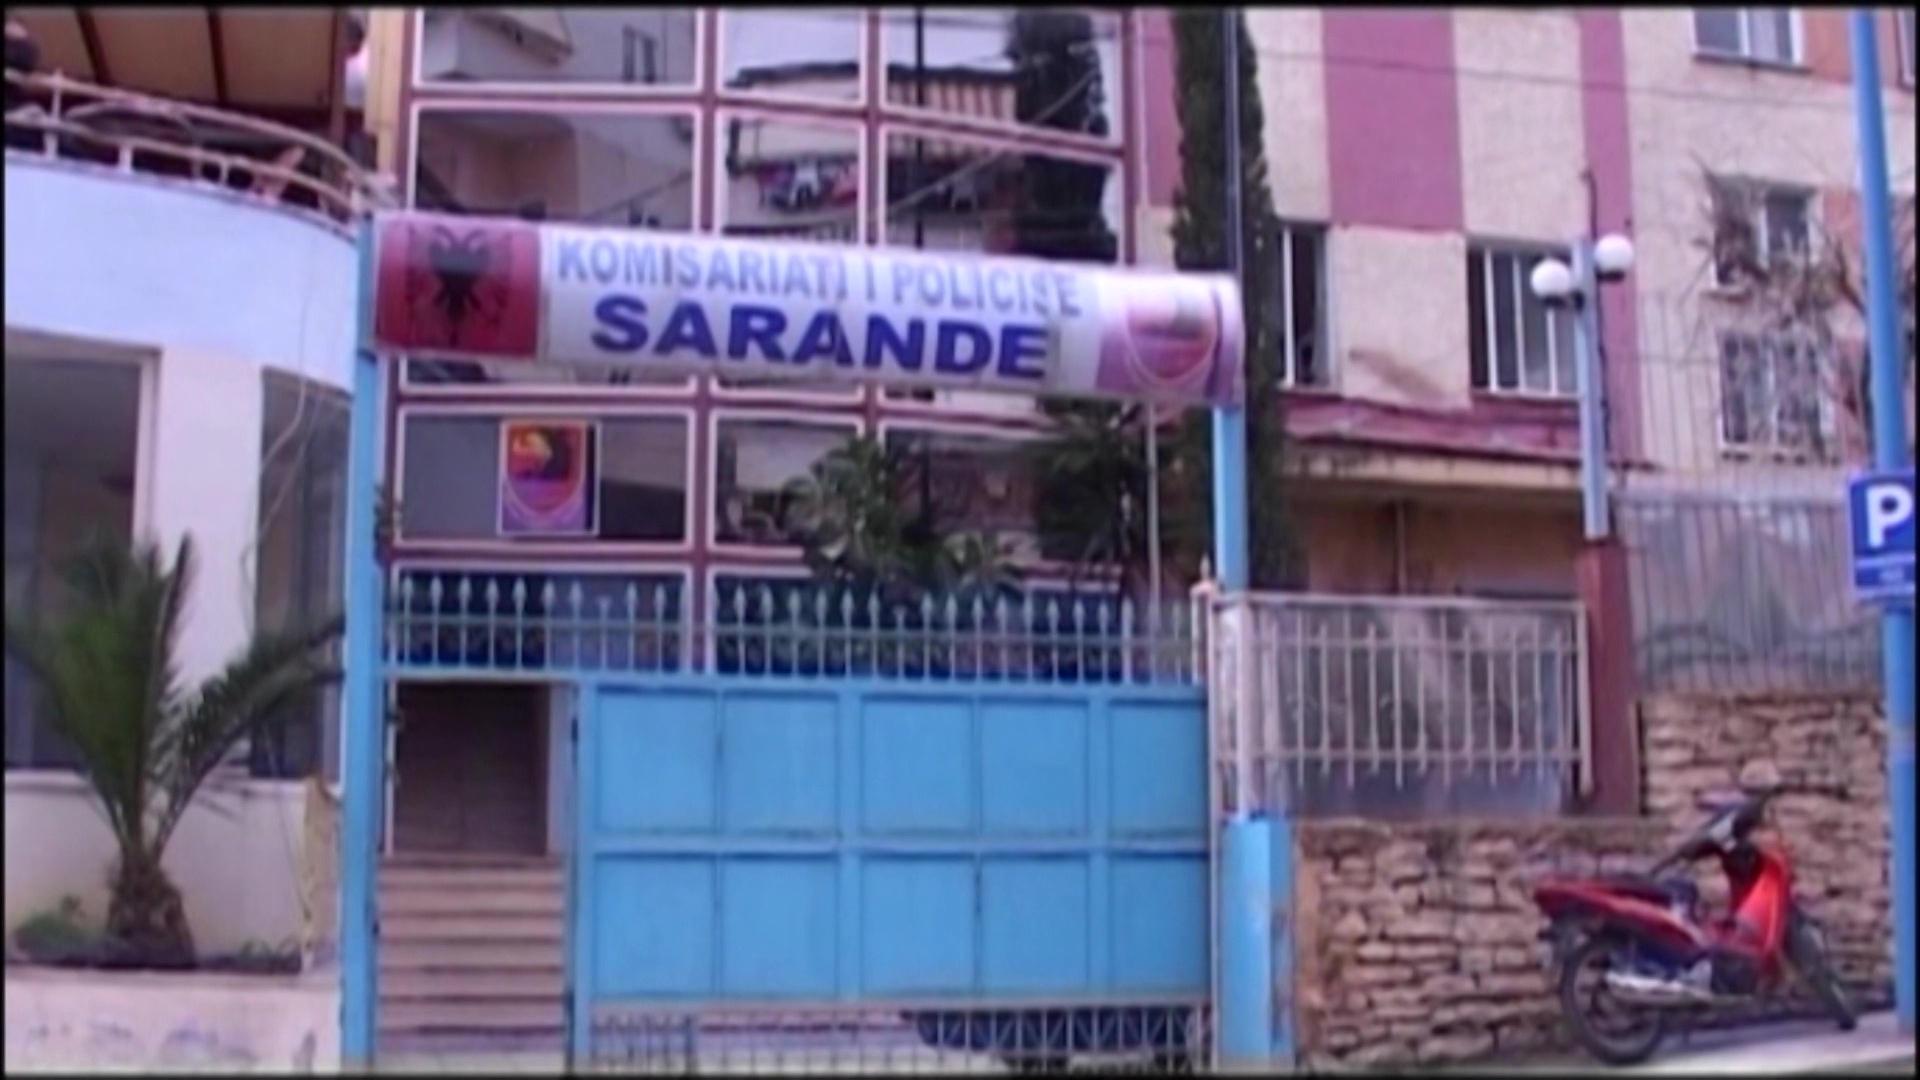 Operacion antidrogë në Sarandë/Shoqërohen 12 persona